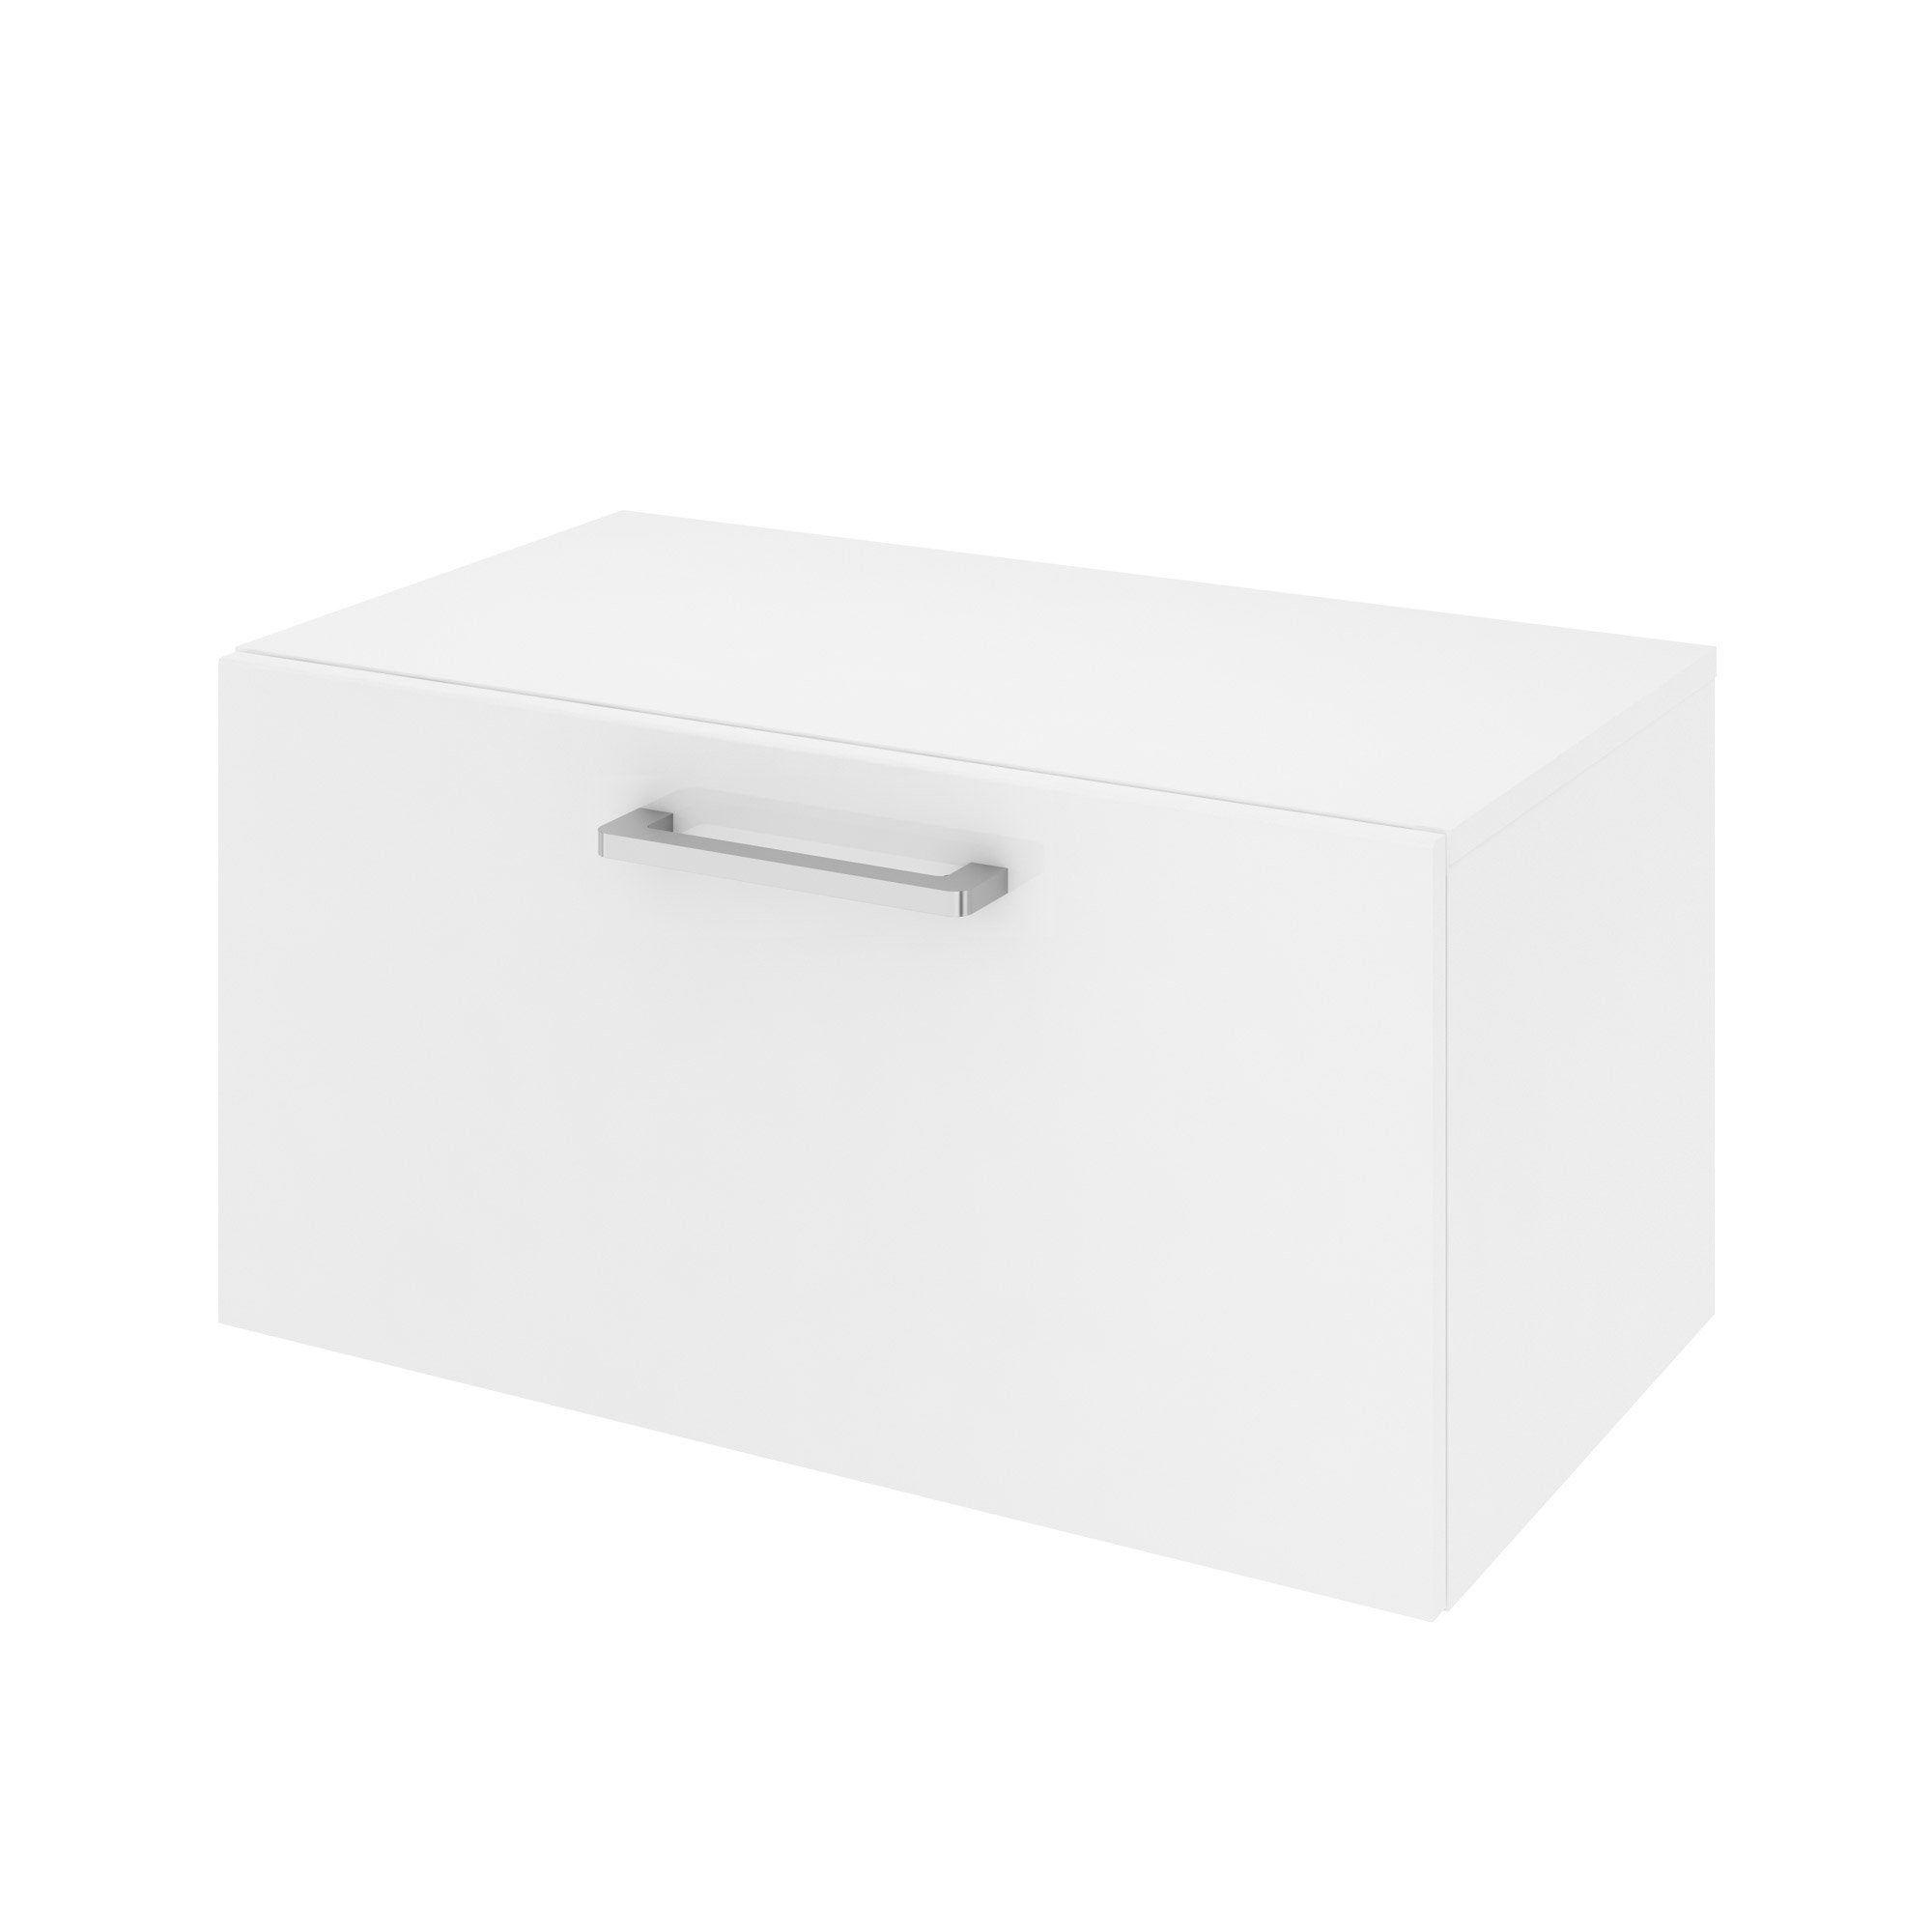 Meuble De Salle De Bains L 70 X H 35 9 X P 38 Cm Blanc Easy Salle De Bain Armoire De Toilette Et Meuble Sous Vasque